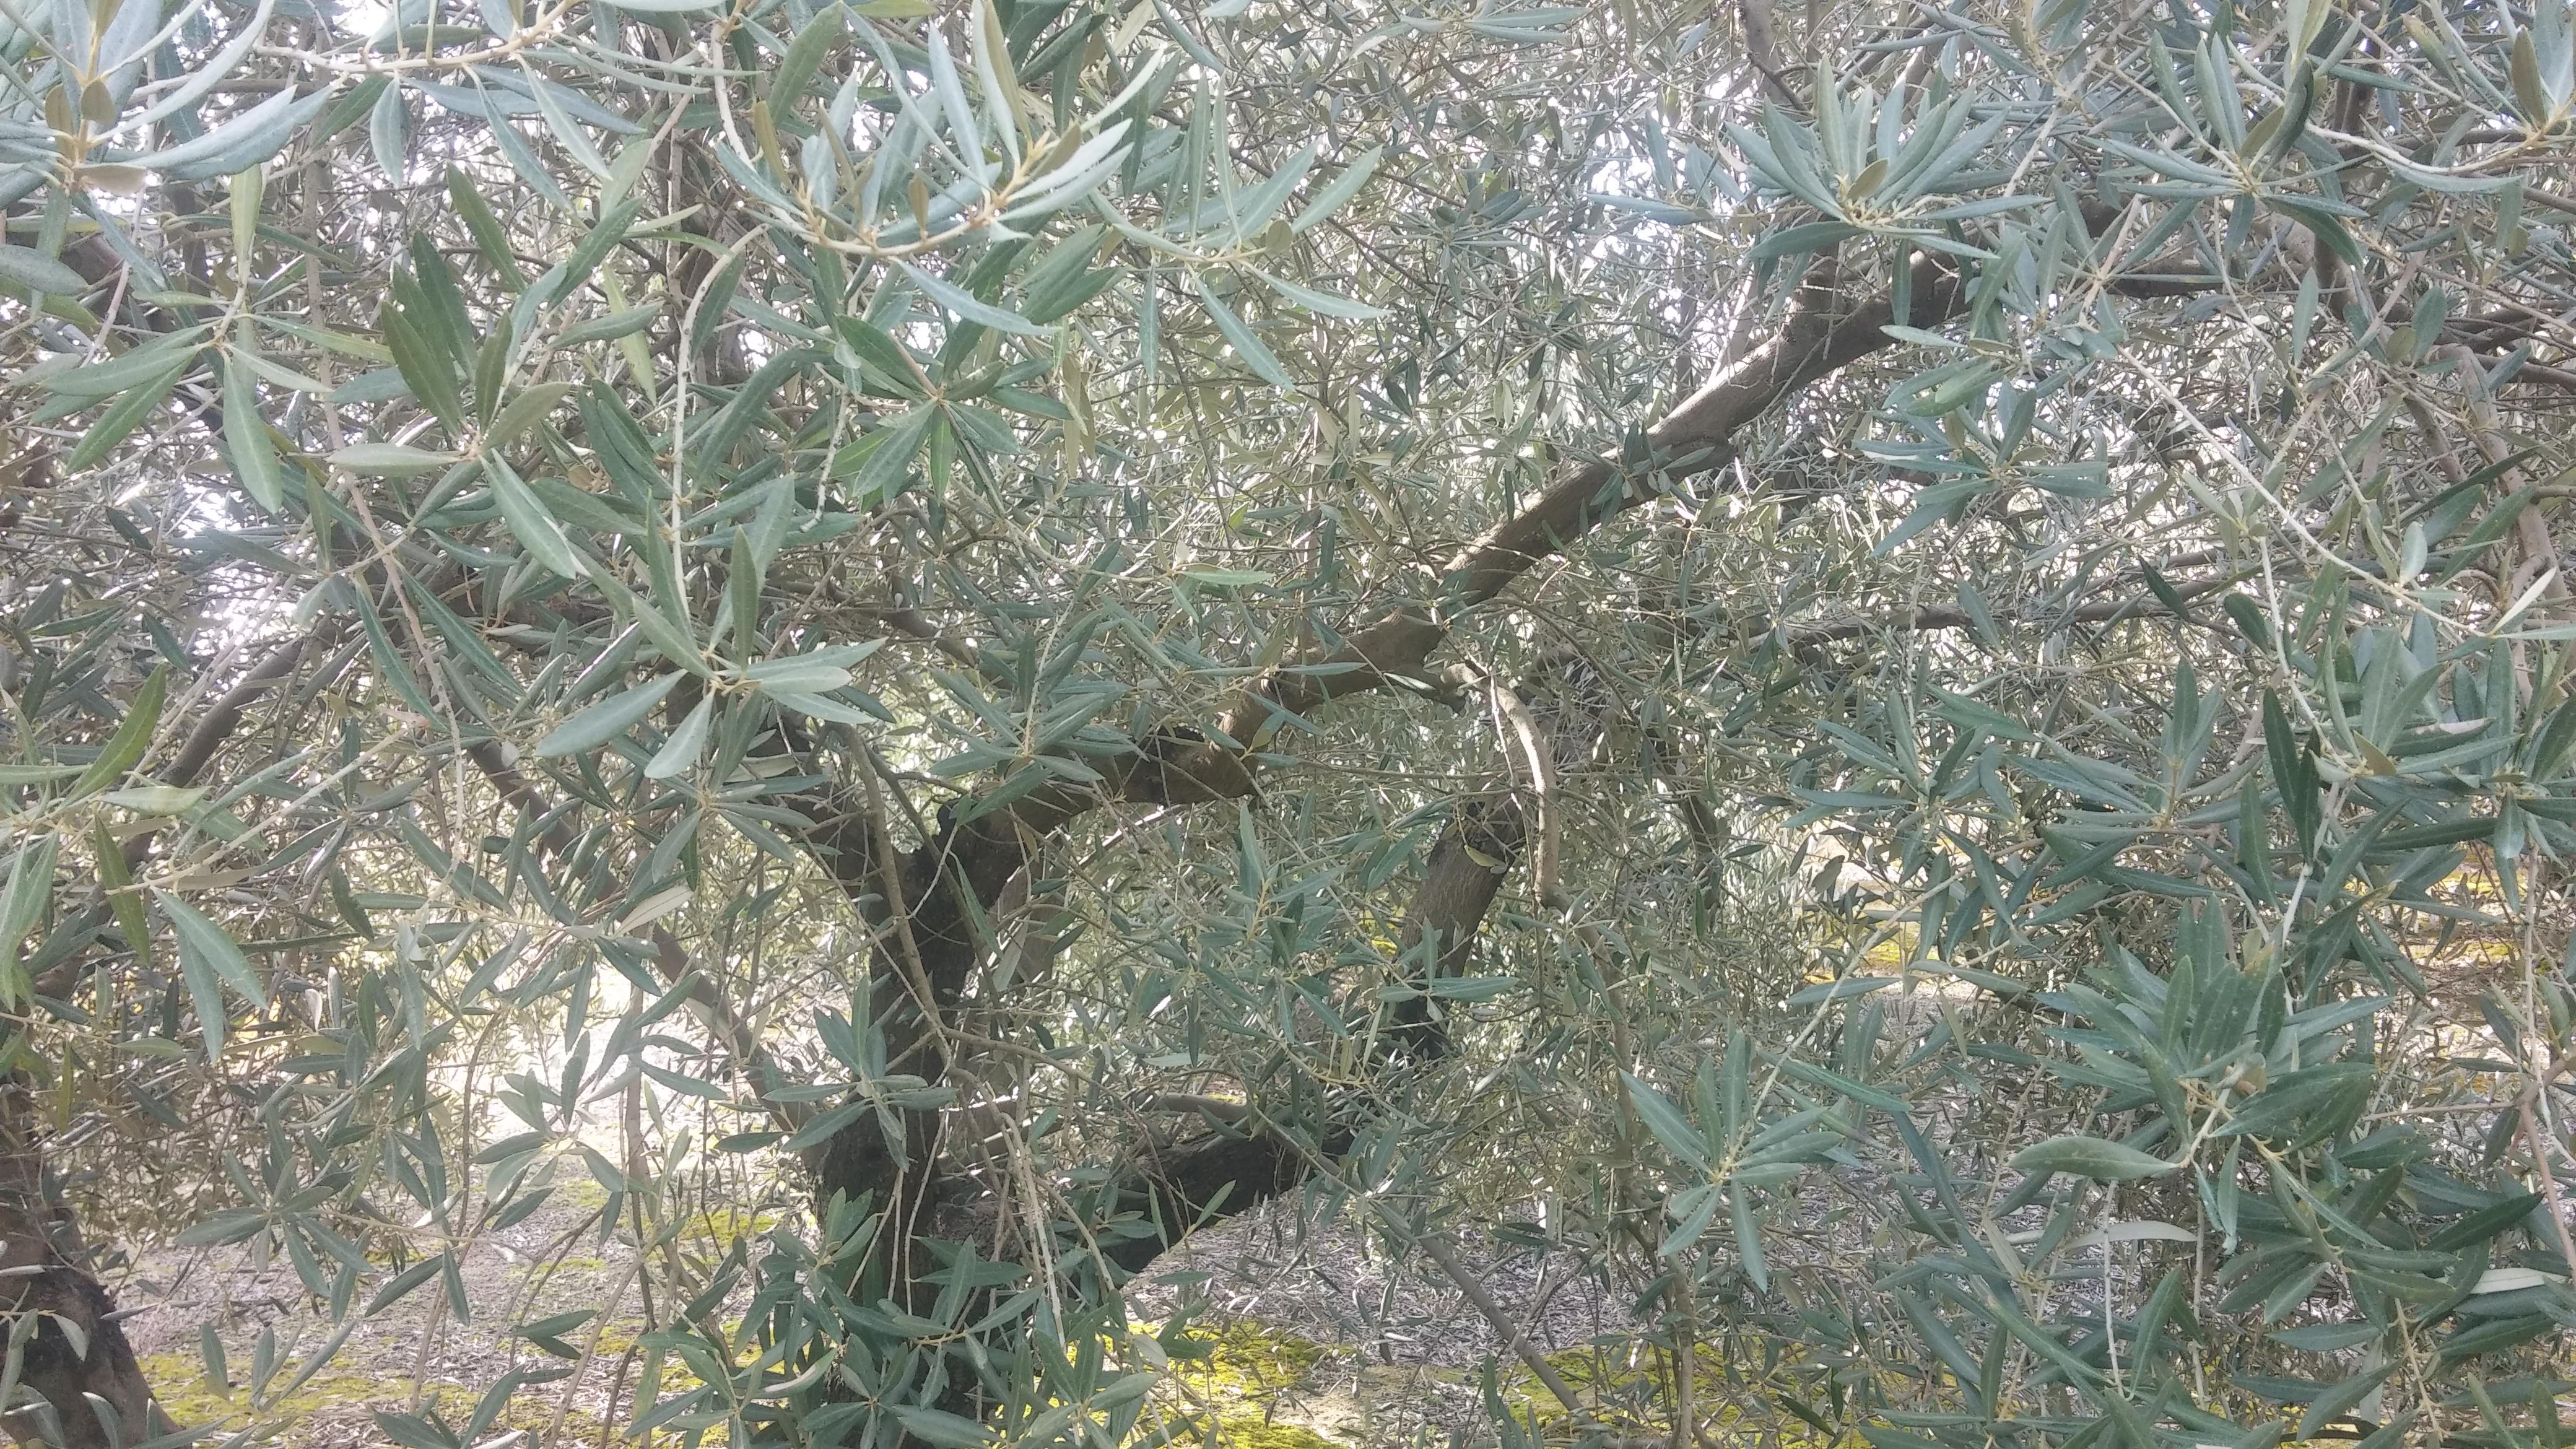 el año que el olivo no produce no se poda